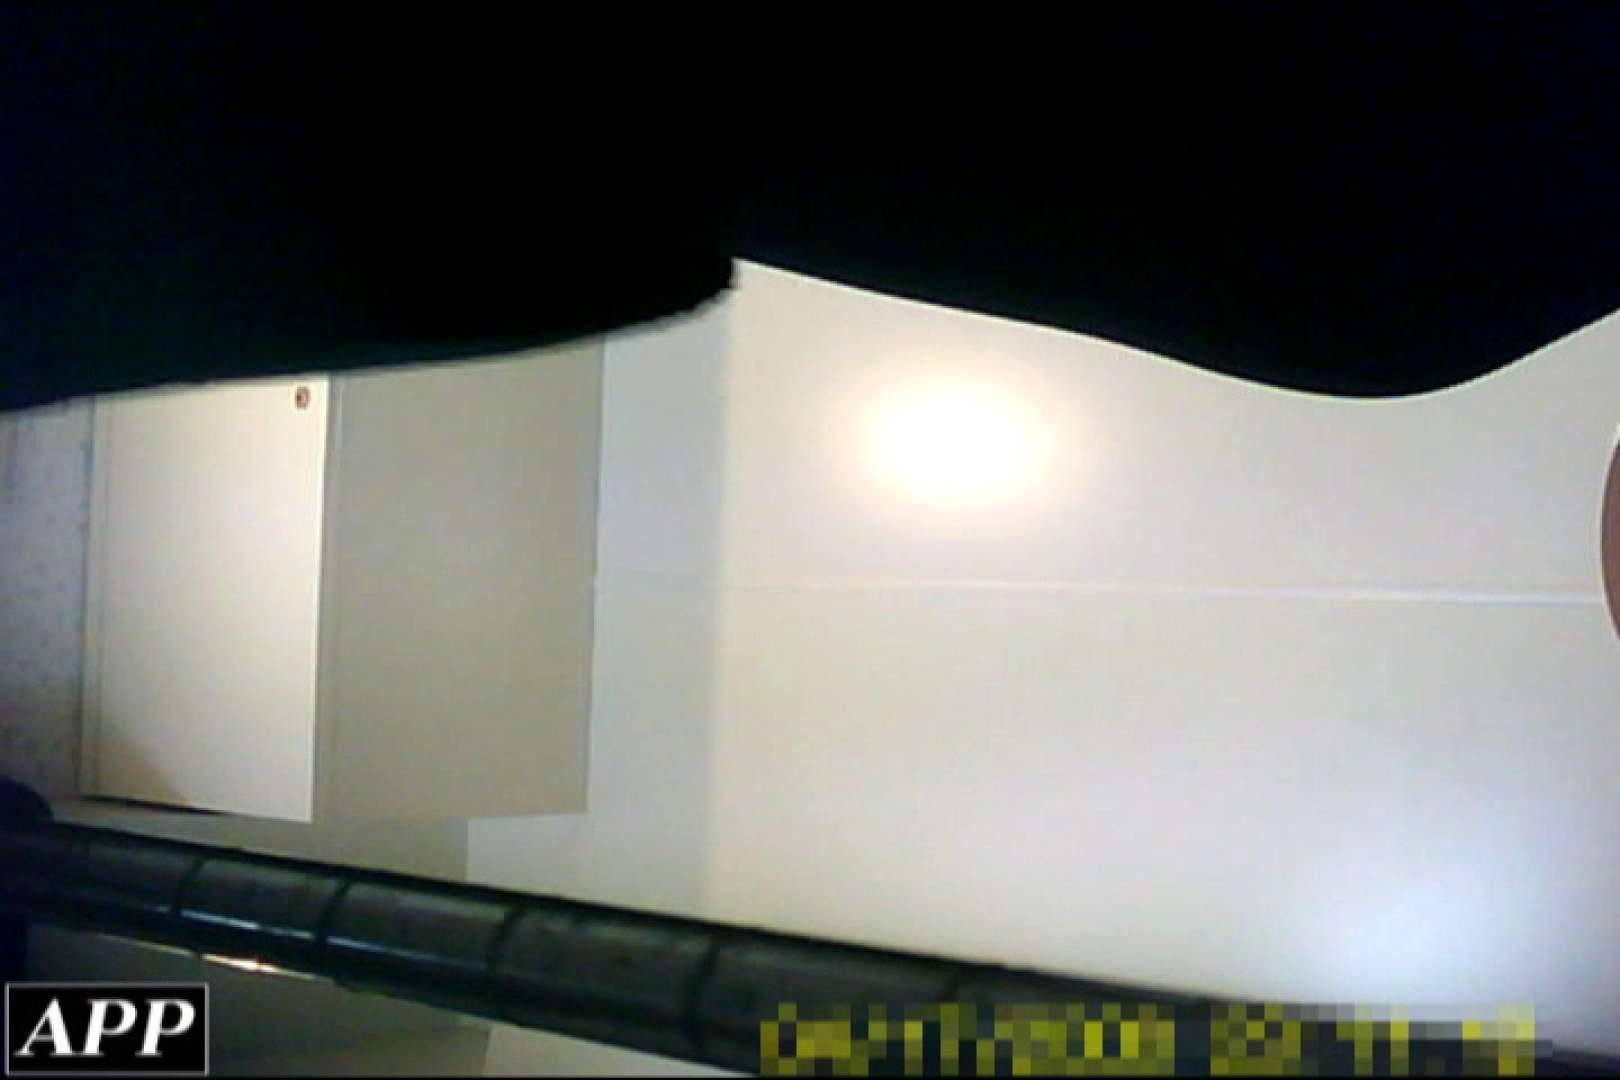 3視点洗面所 vol.145 OLのエロ生活 エロ無料画像 91連発 74